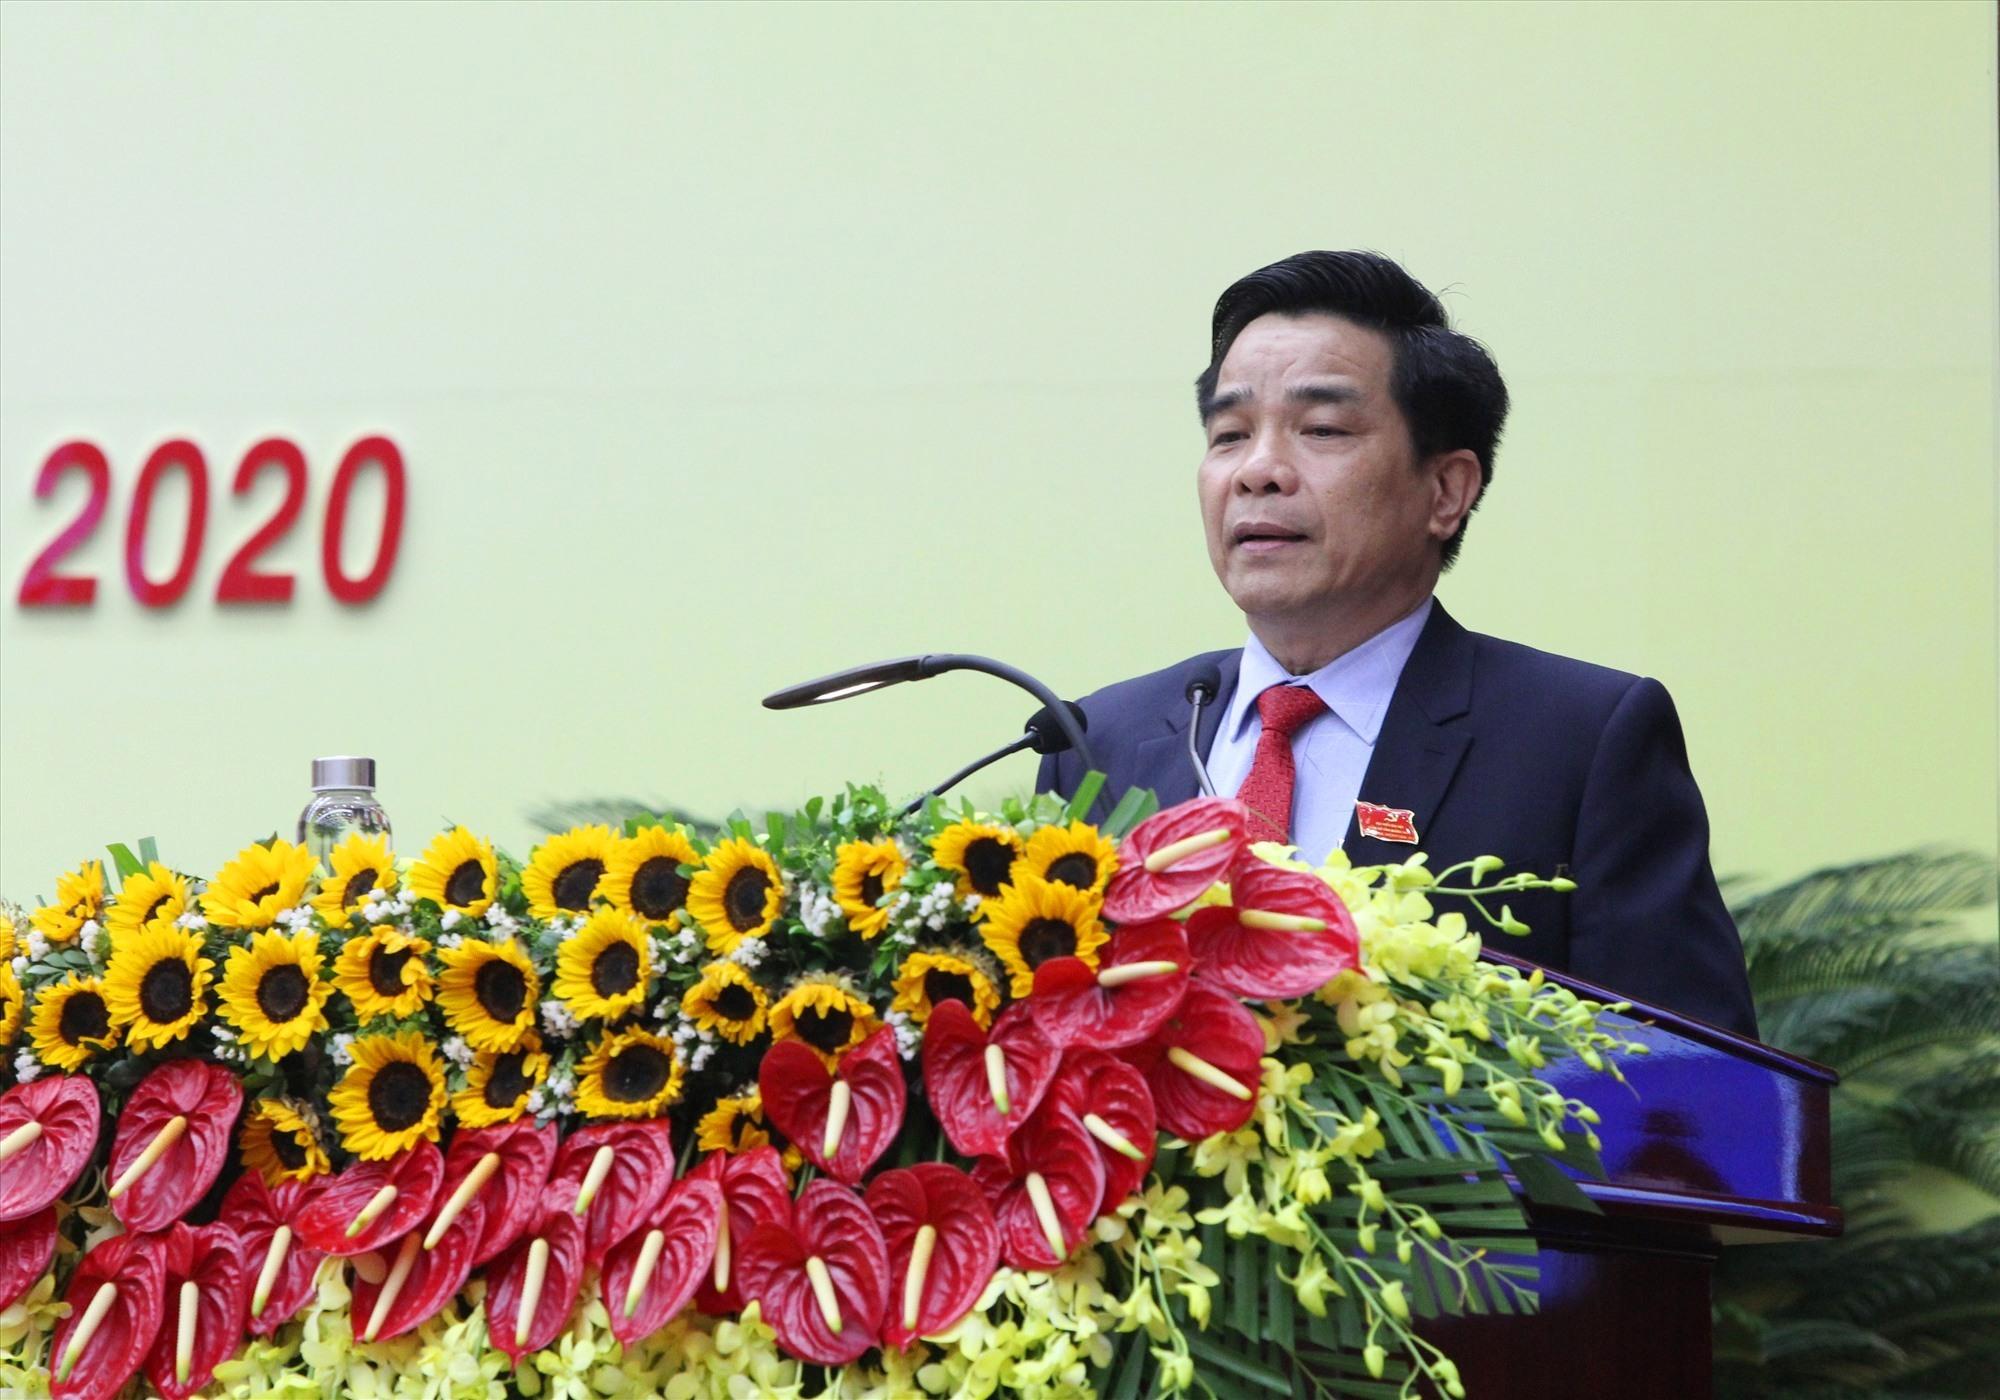 Đồng chí Lê Văn Dũng báo cáo kết quả hội nghị lần thứ nhất của Ban Chấp hành Đảng bộ tỉnh khóa XXII. Ảnh: PV